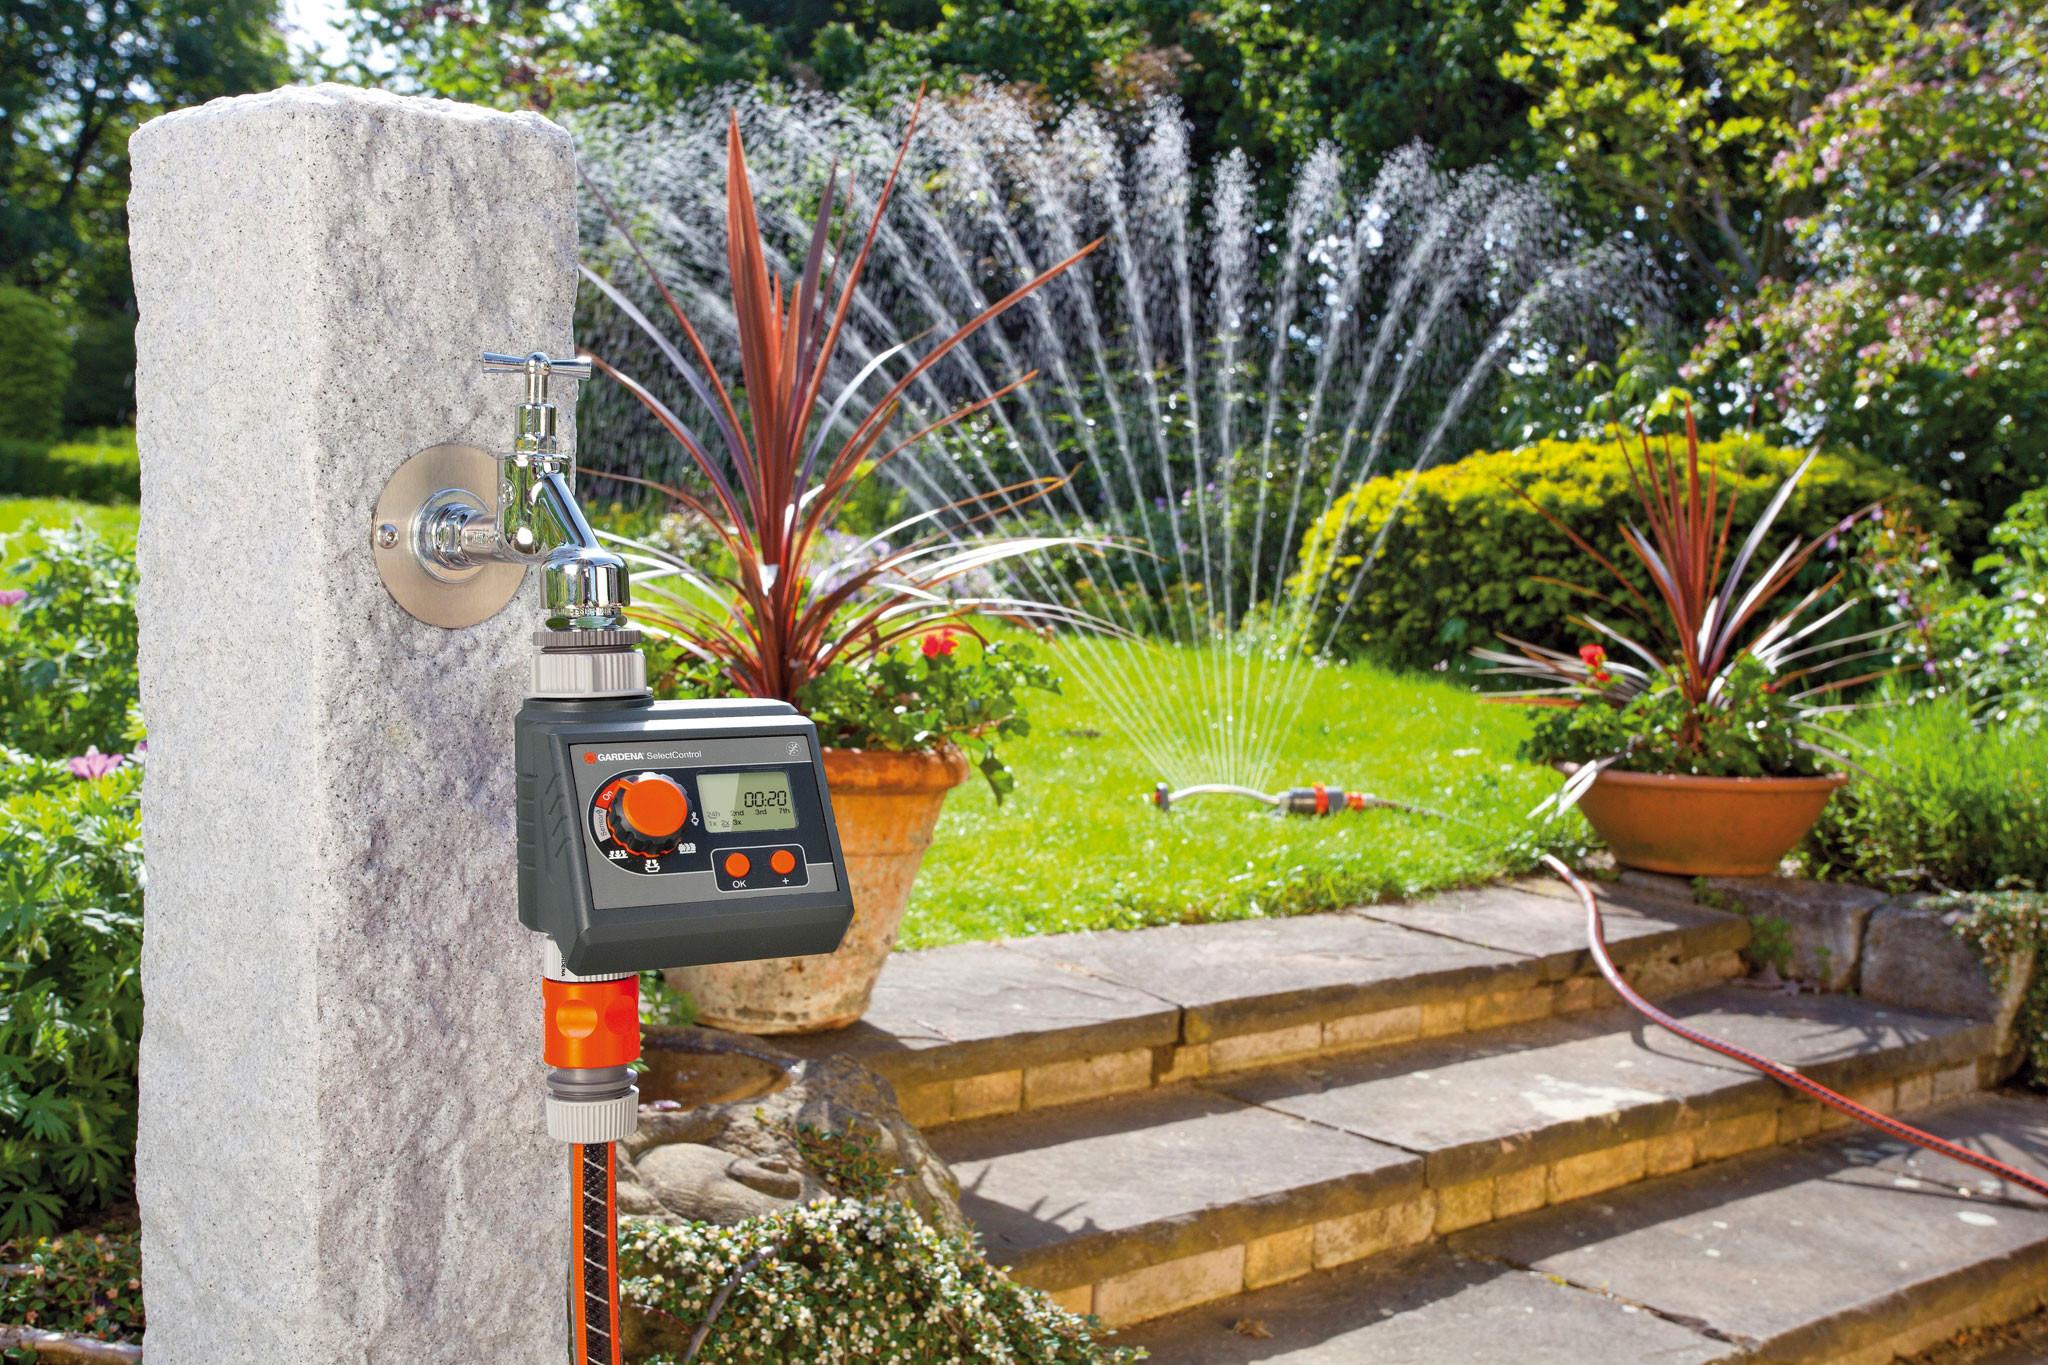 Bewässerungssystem Garten  Intelligente Bewässerung für einen gepflegten Garten